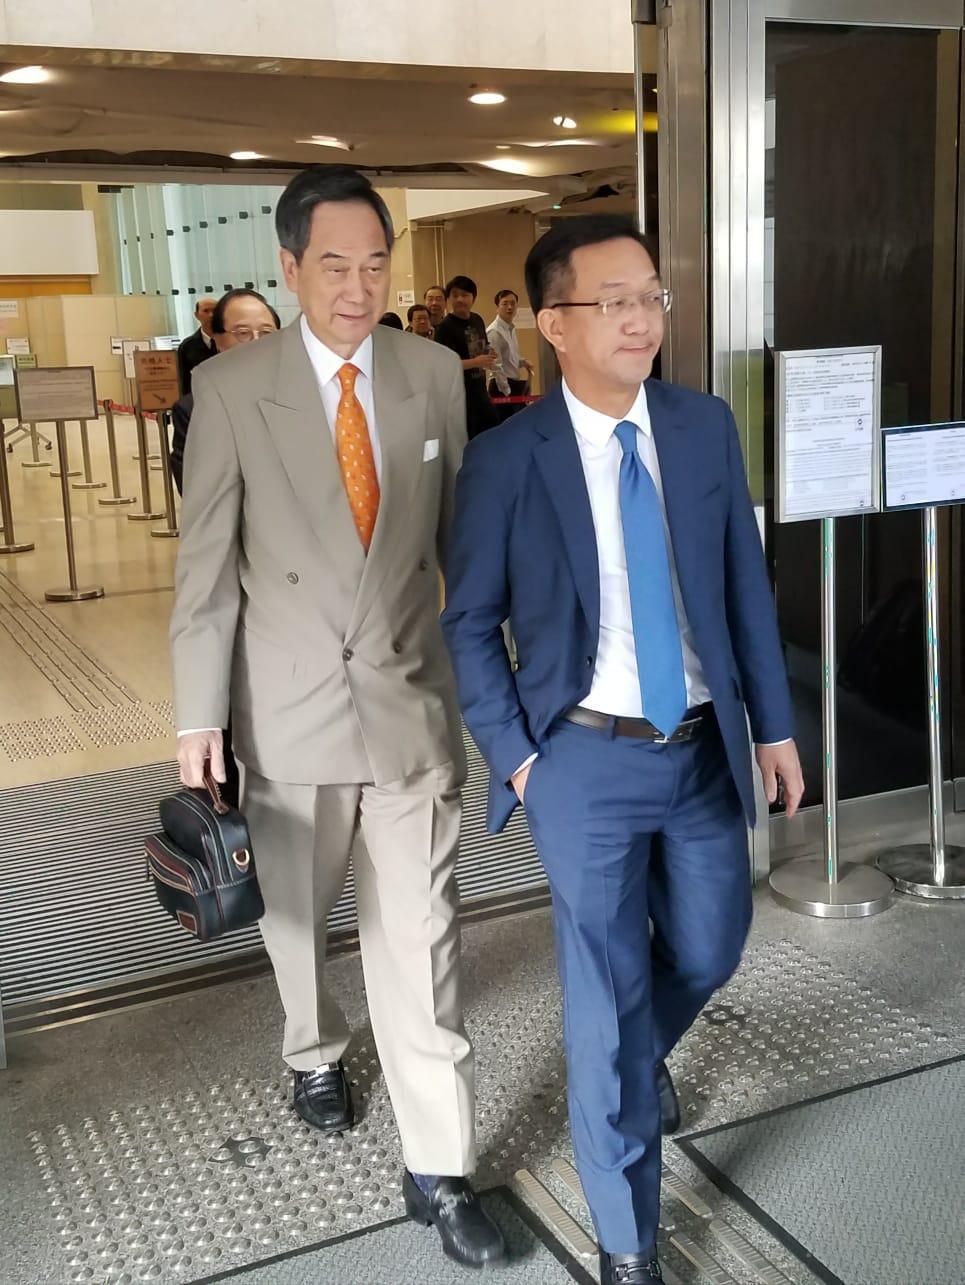 鄉議局主席劉業強(右)。法庭記者攝